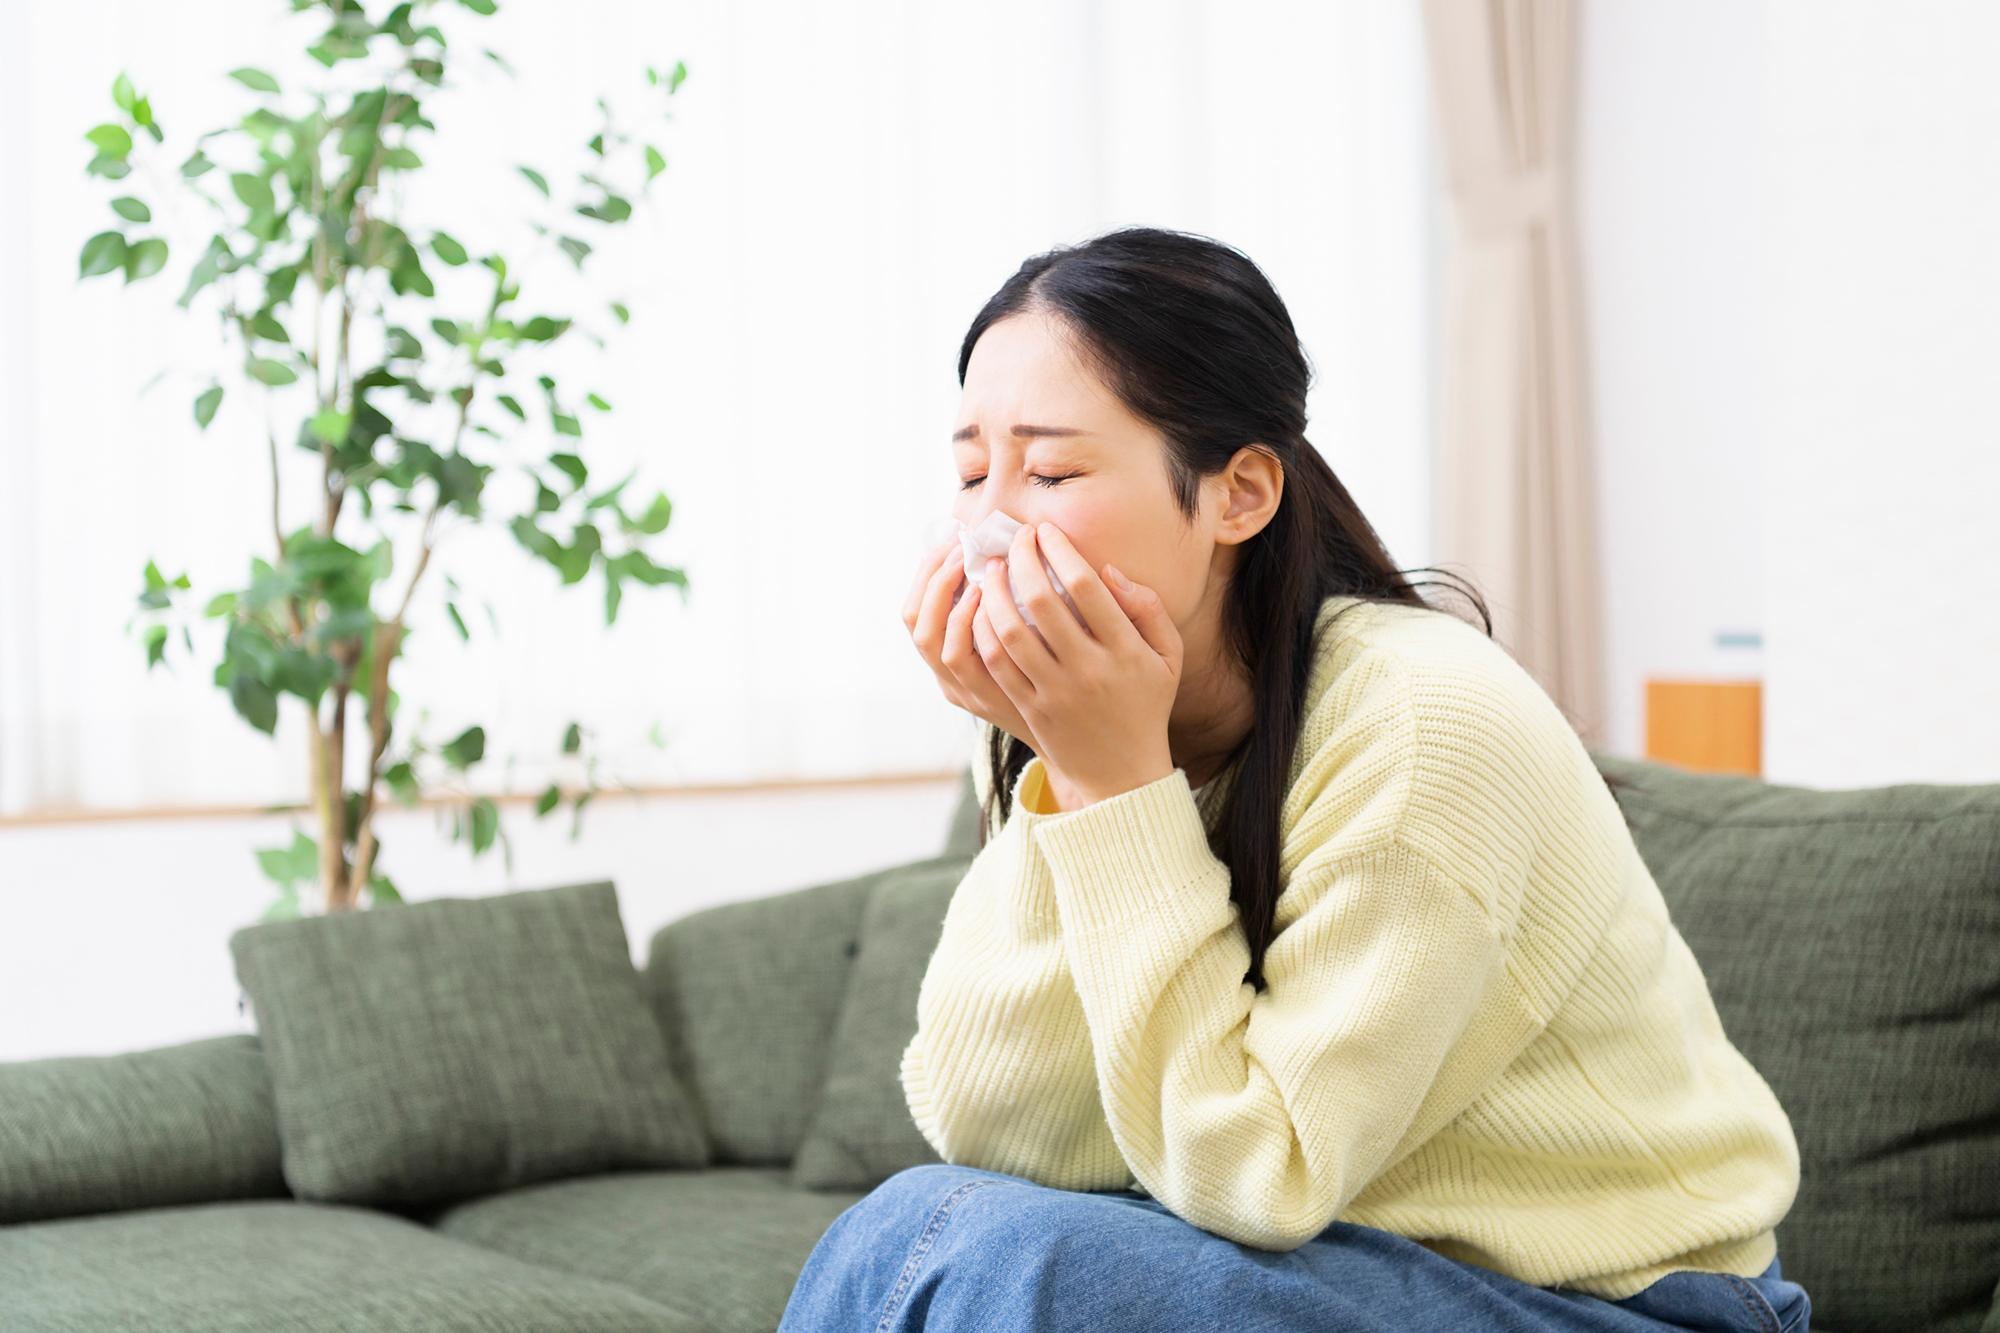 アレルギー性鼻炎に苦しむ女性のイメージ